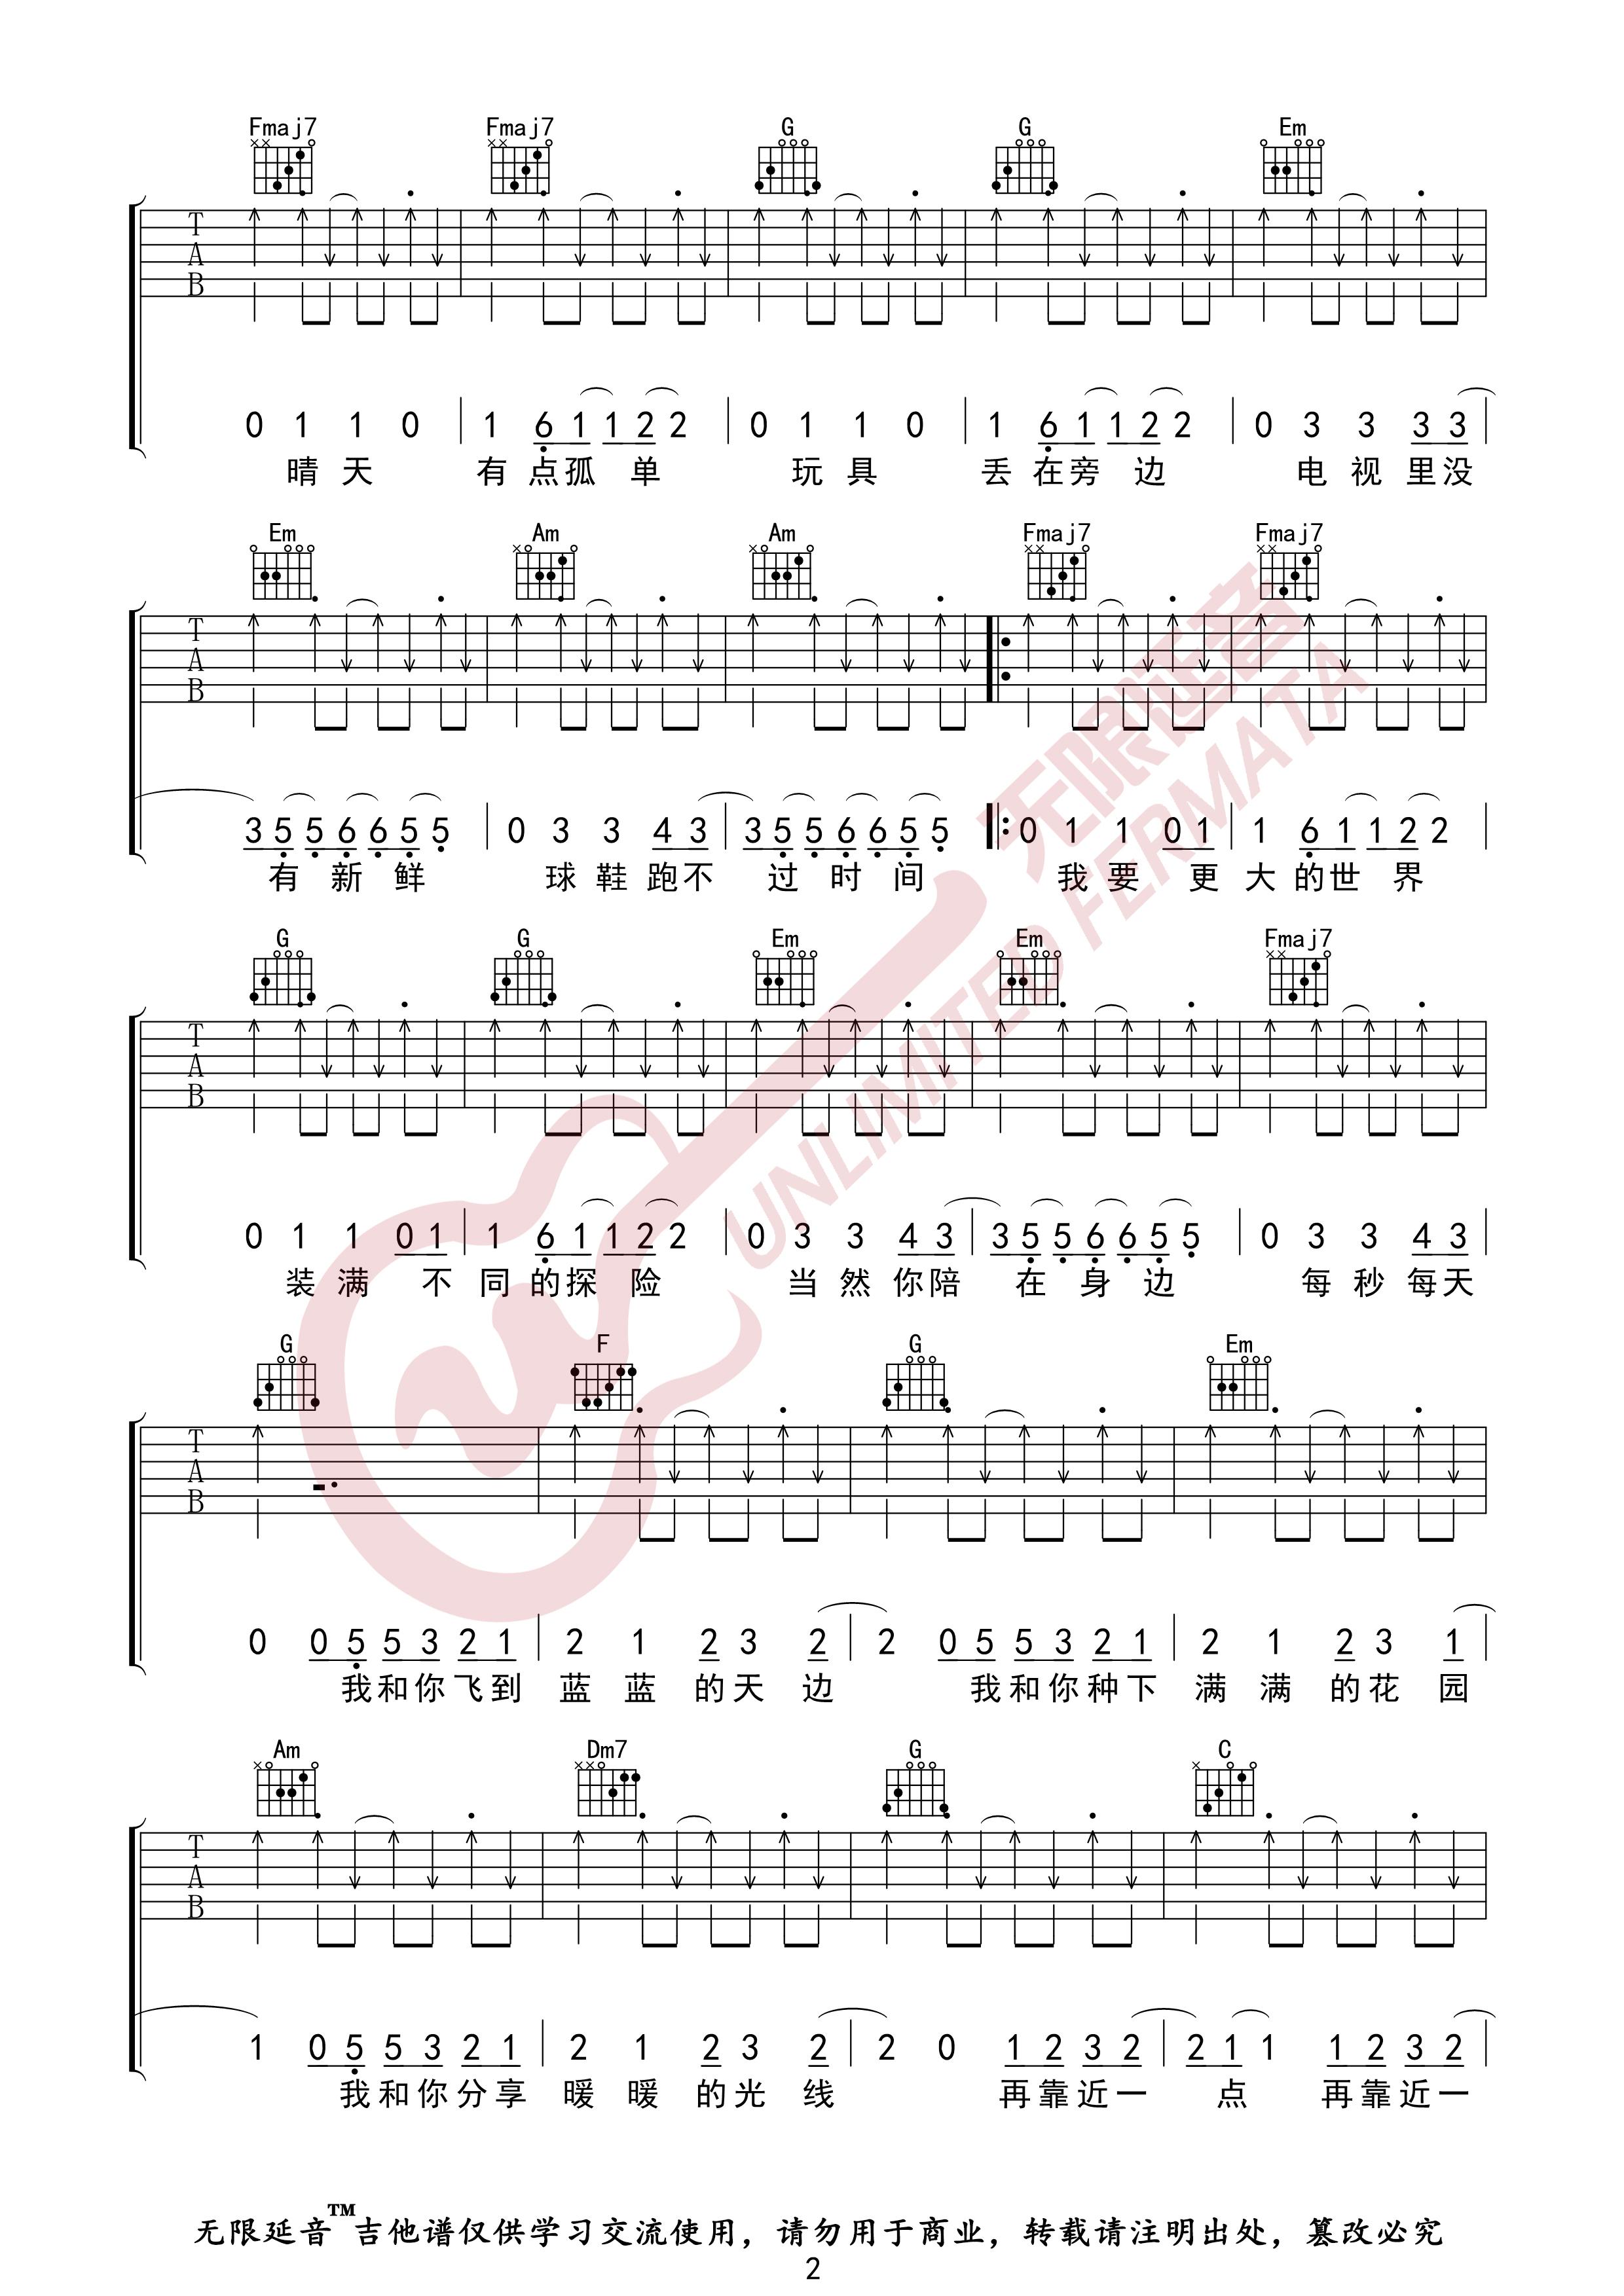 我和你 (无限延音编配)吉他谱(图片谱,皮卡丘多多,我和你,吉他谱)_皮卡丘多多_我和你02.jpg